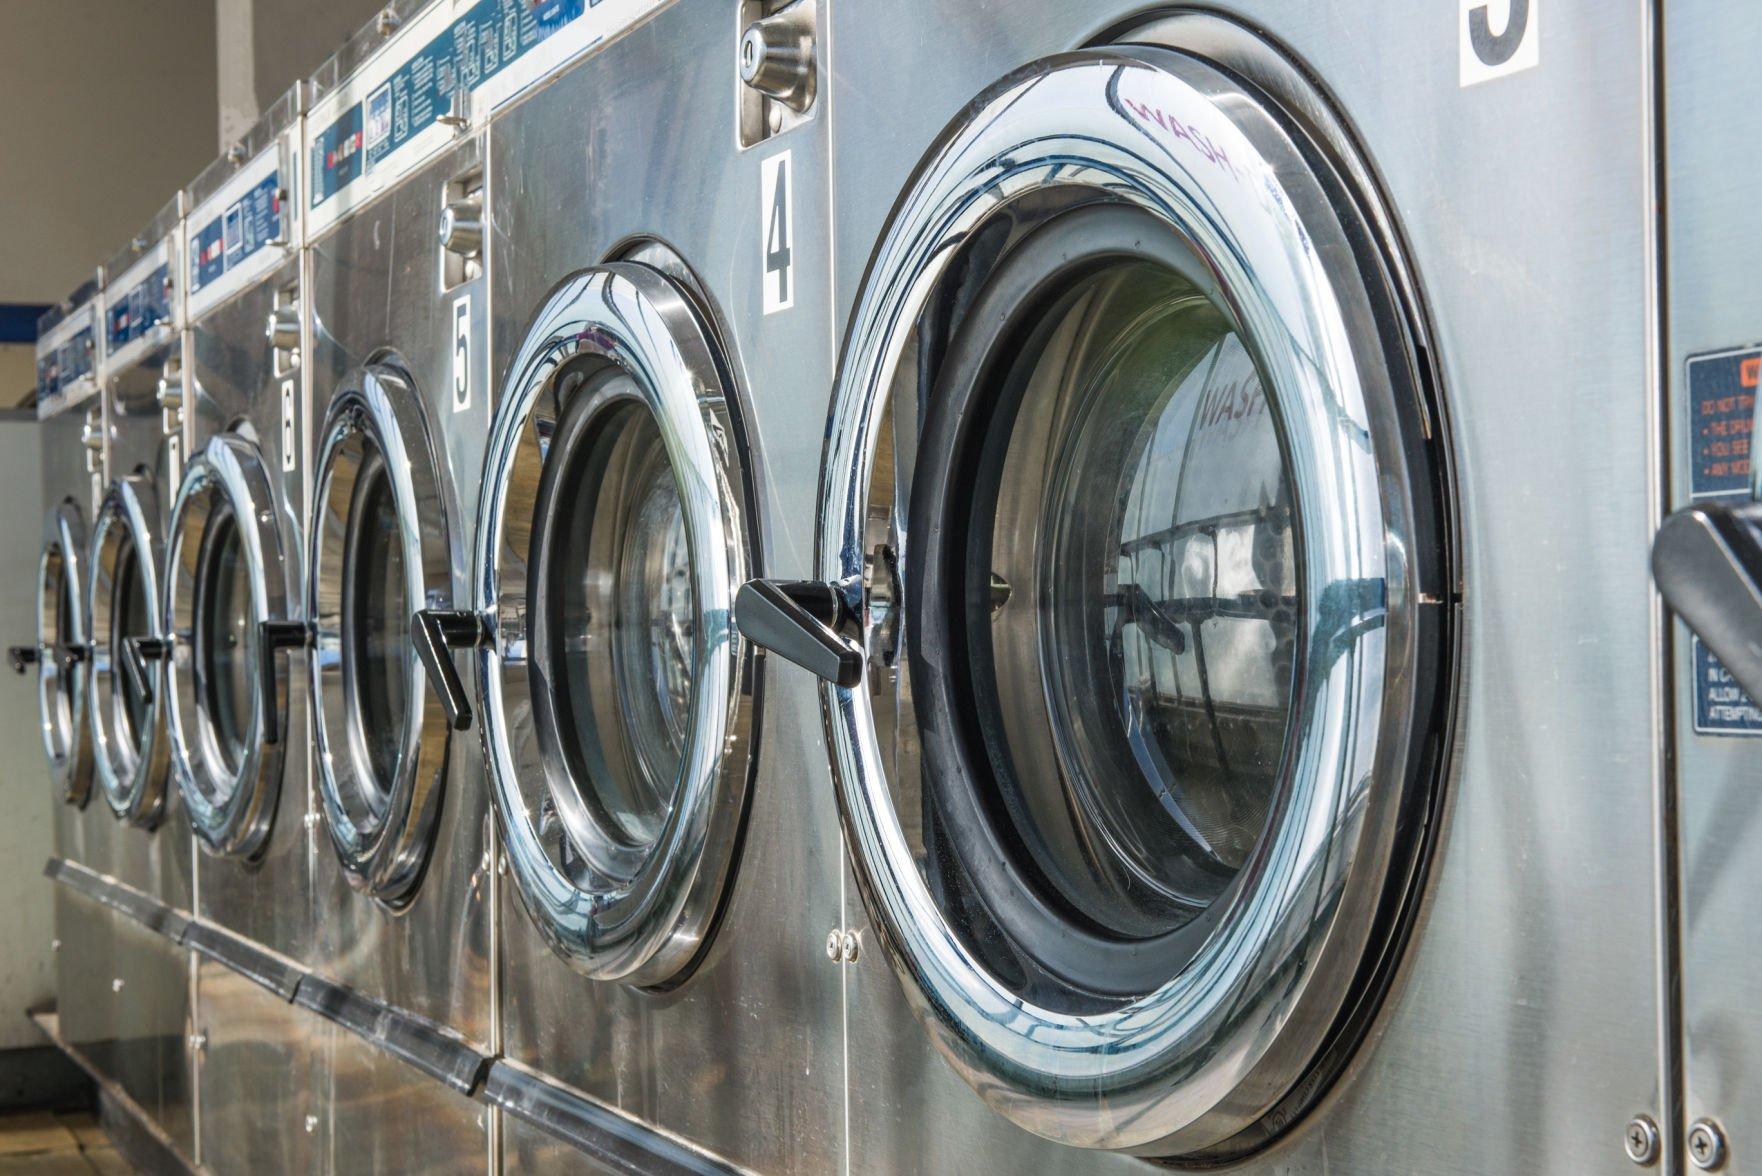 Capital Laundry